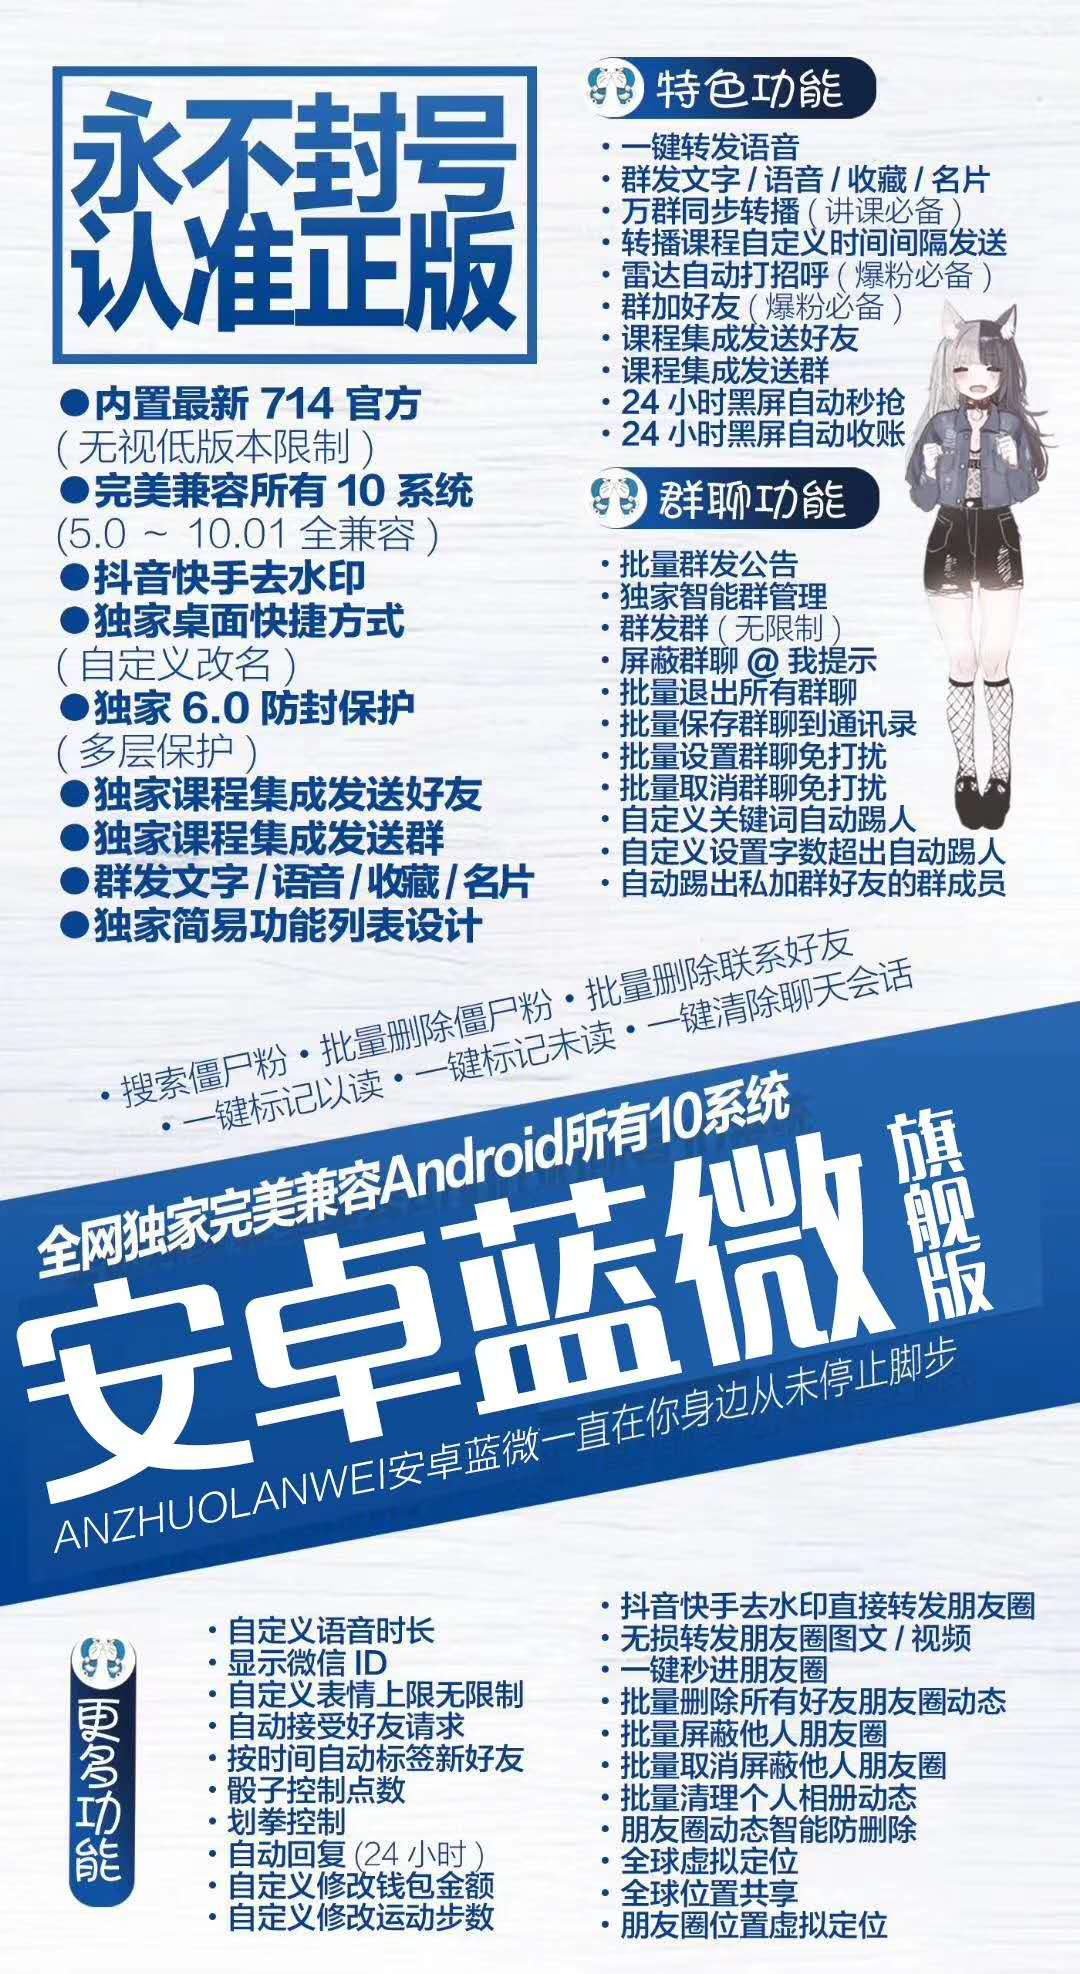 【安卓蓝微】独家一码激活三种软件 领航版 旗舰版 语音手助